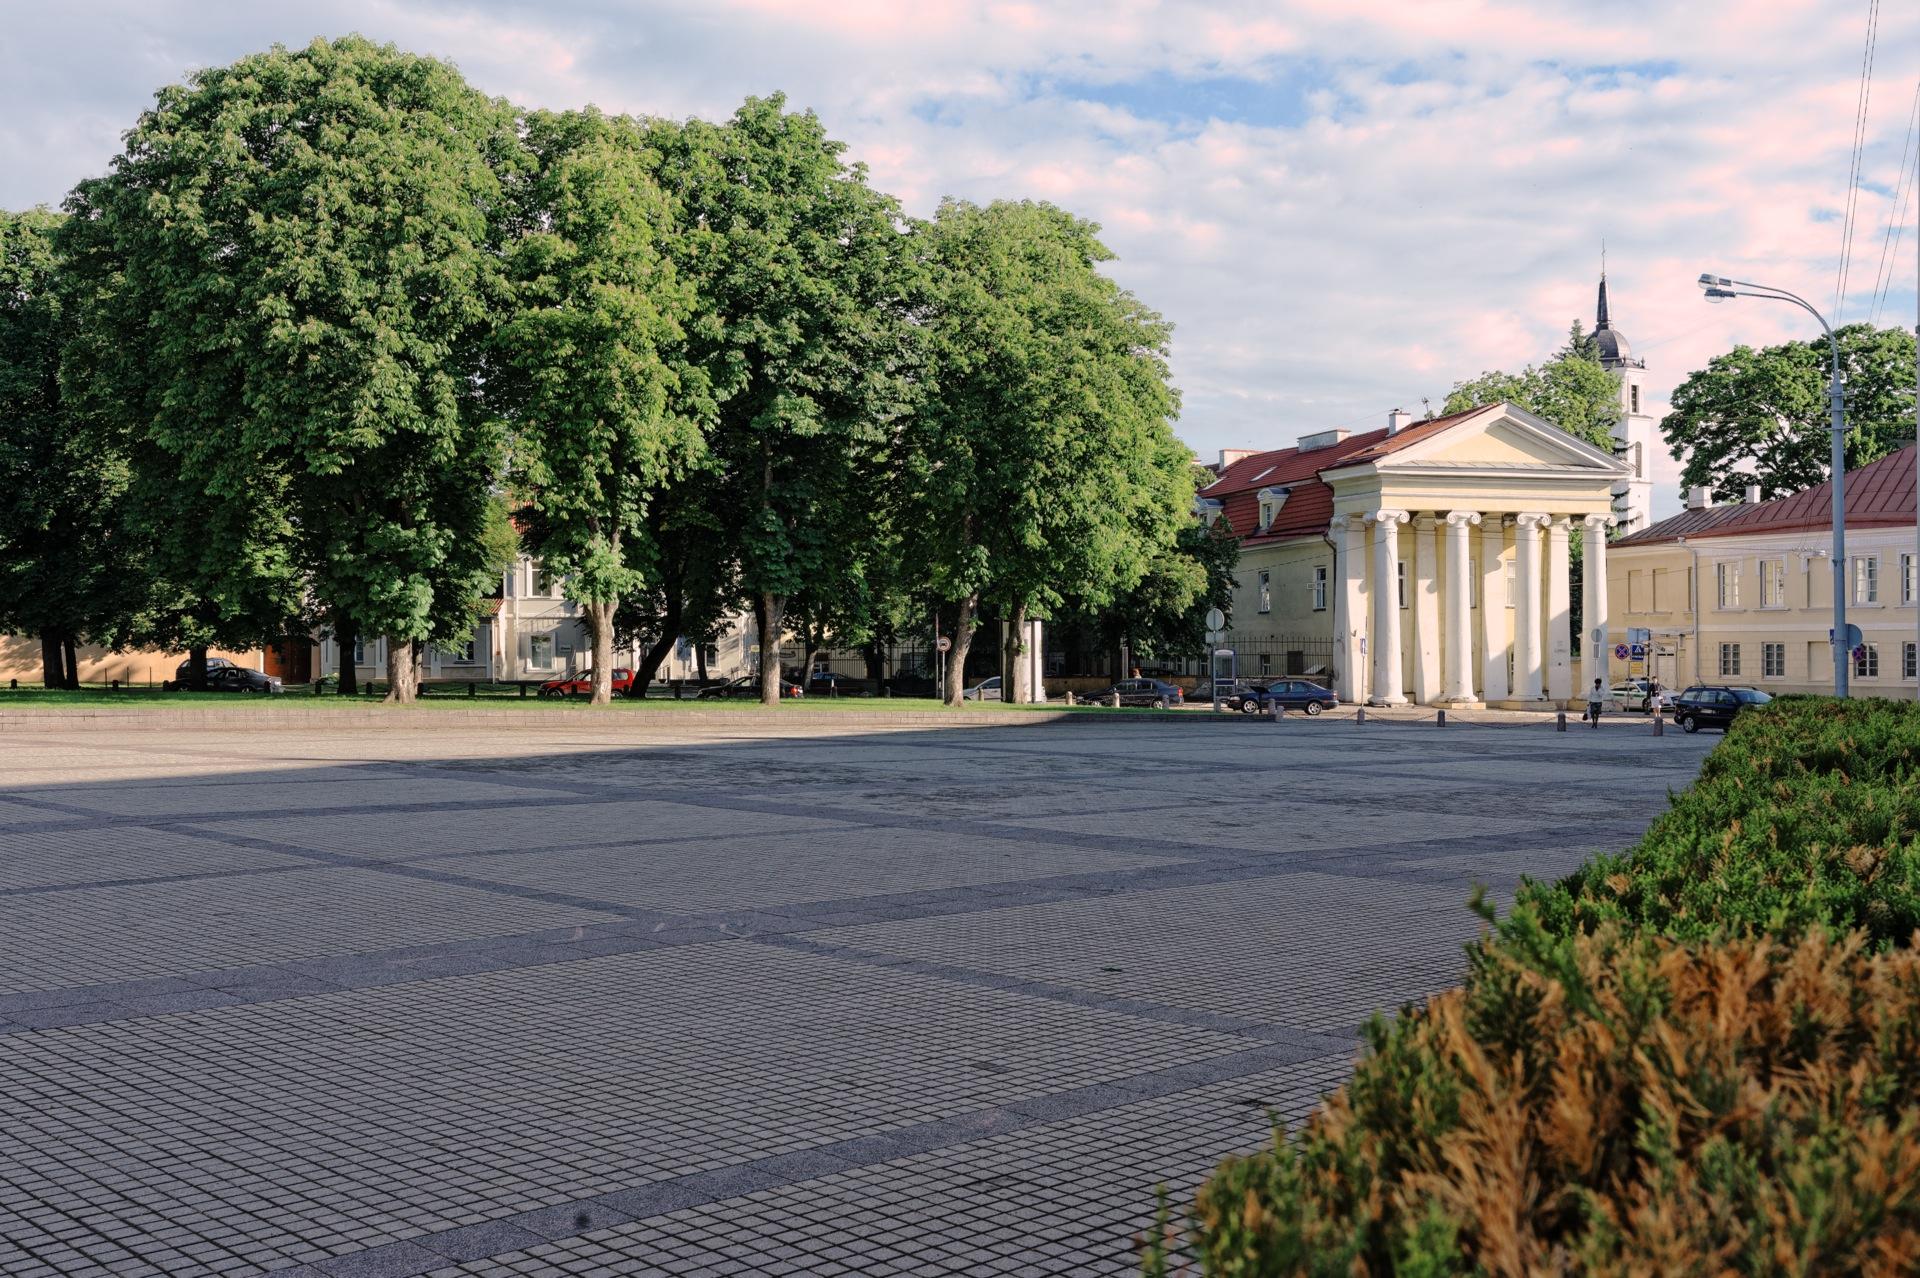 Bild: In der Universiteto gatvė in der Altstadt von Vilnius. NIKON D700 mit CARL ZEISS Distagon T* 1.4/35 ZF.2. ISO 200 ¦ f/11 ¦ 35 mm ¦ 1/125 s ¦ kein Blitz. Klicken Sie auf das Bild um es zu vergrößern.